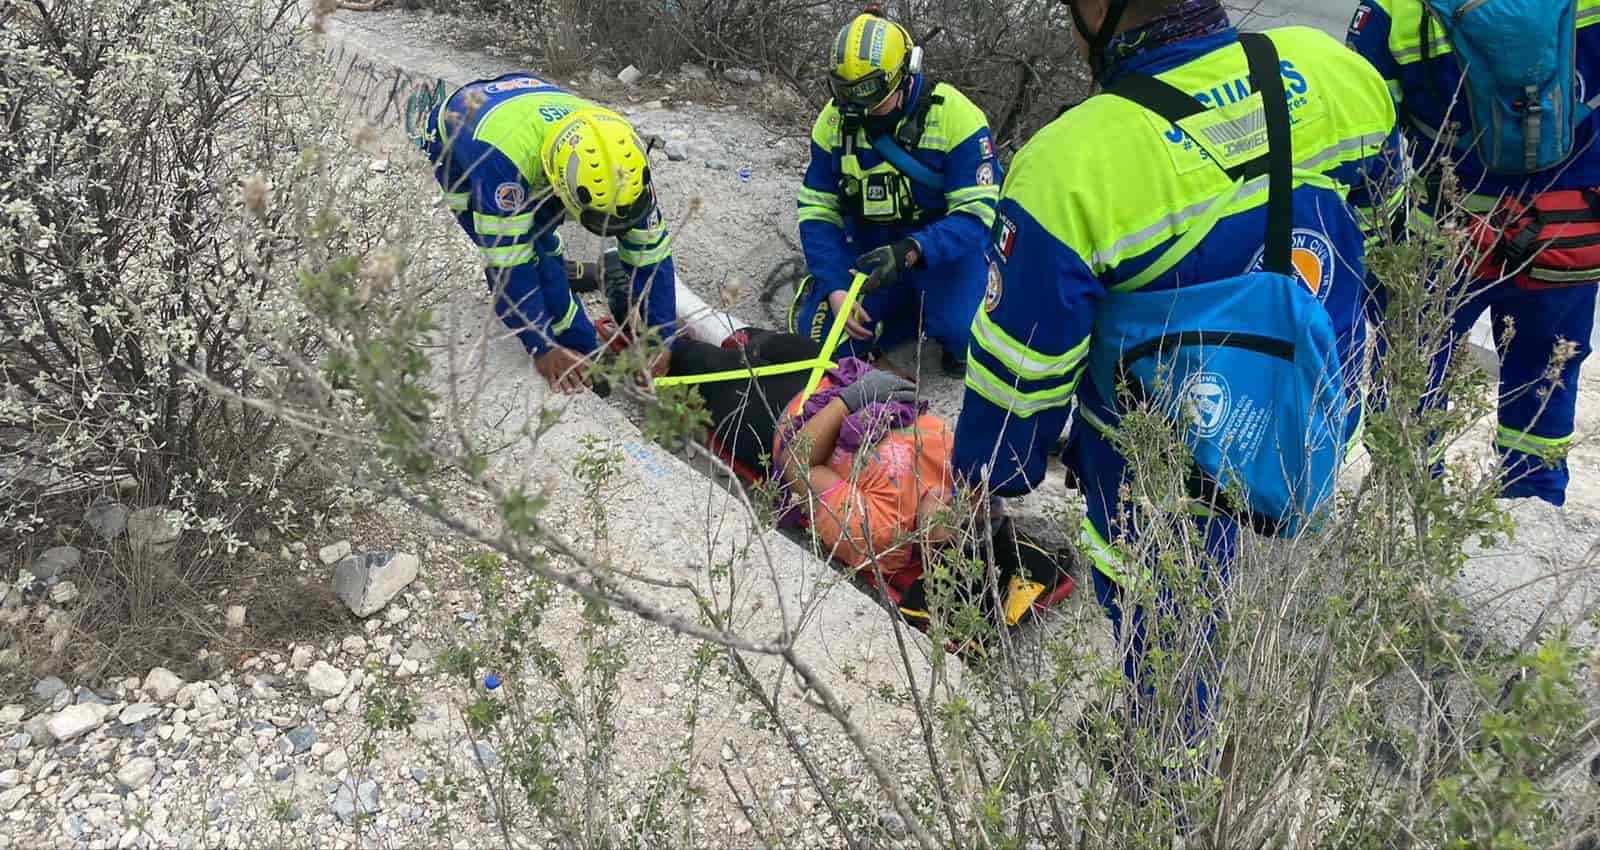 Con una lesión en un tobillo resultó una excursionista al ir bajando del Parque Ecológico La Huasteca